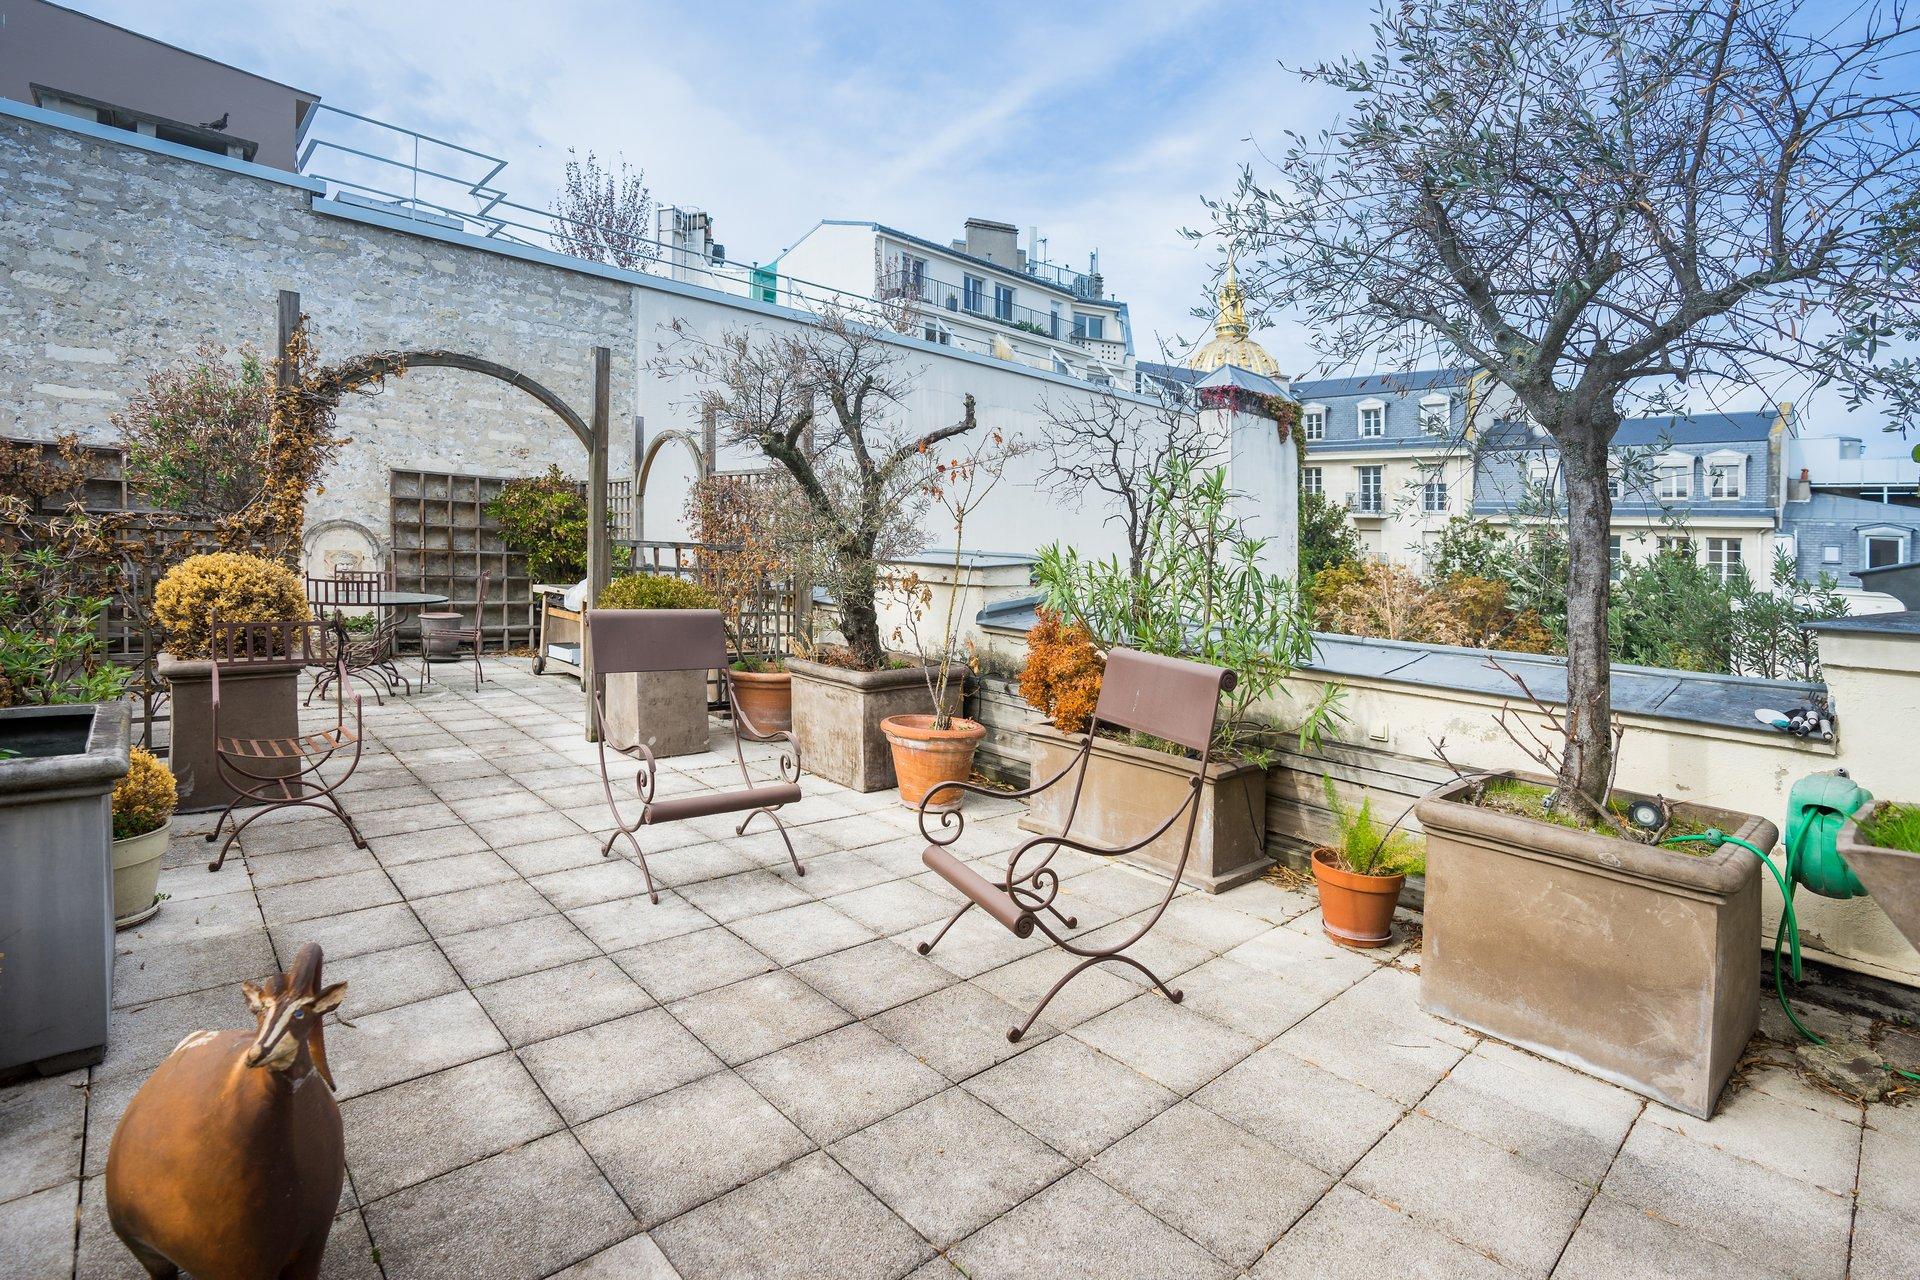 Sale Apartment - Paris 7th (Paris 7ème)